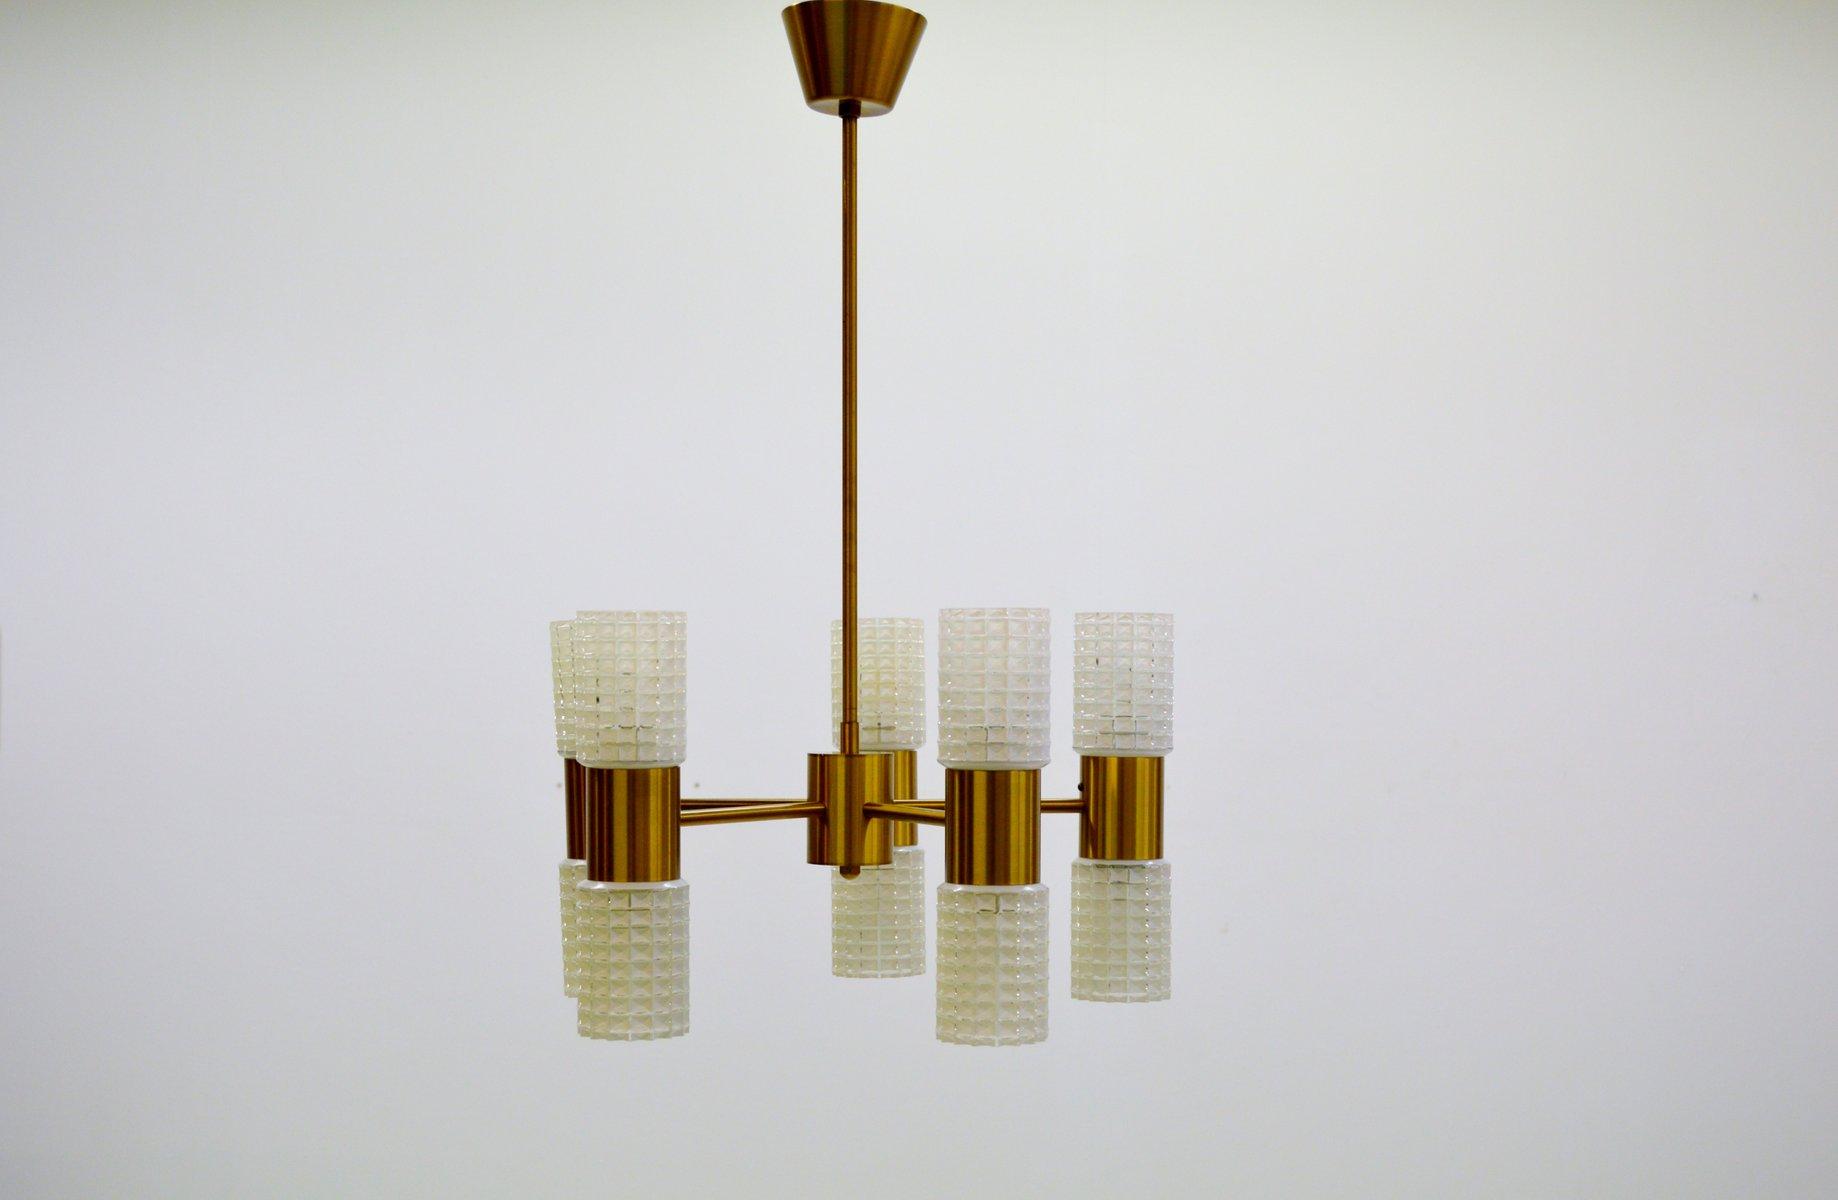 Kronleuchter Ikea Alt ~ Fest messing glas kronleuchter von ikea er bei pamono kaufen